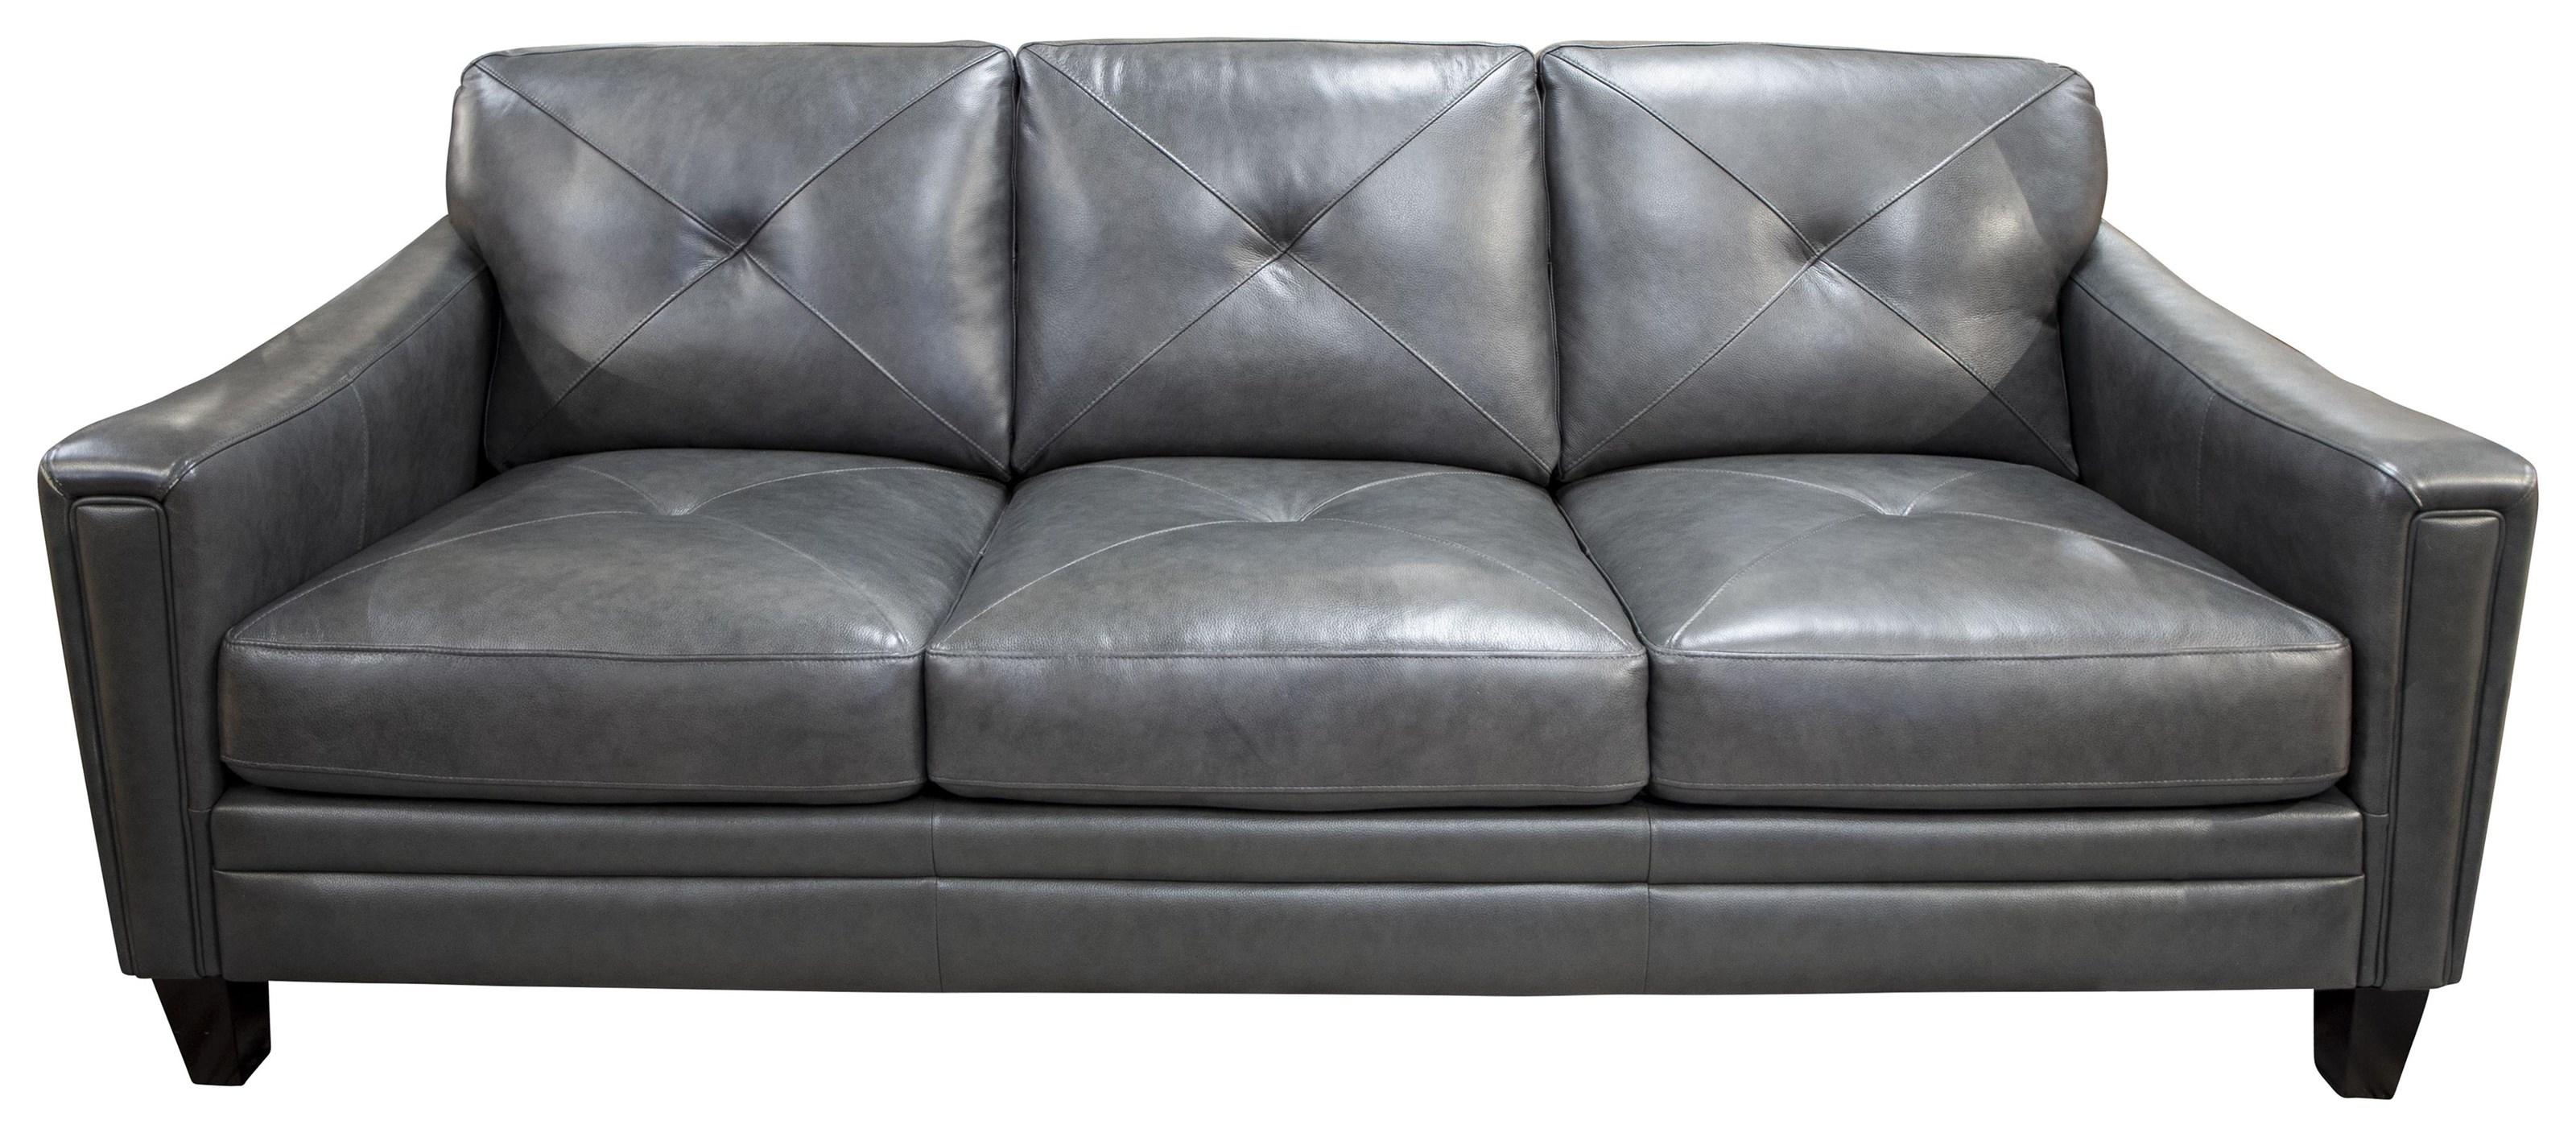 wren wren leather match sofa